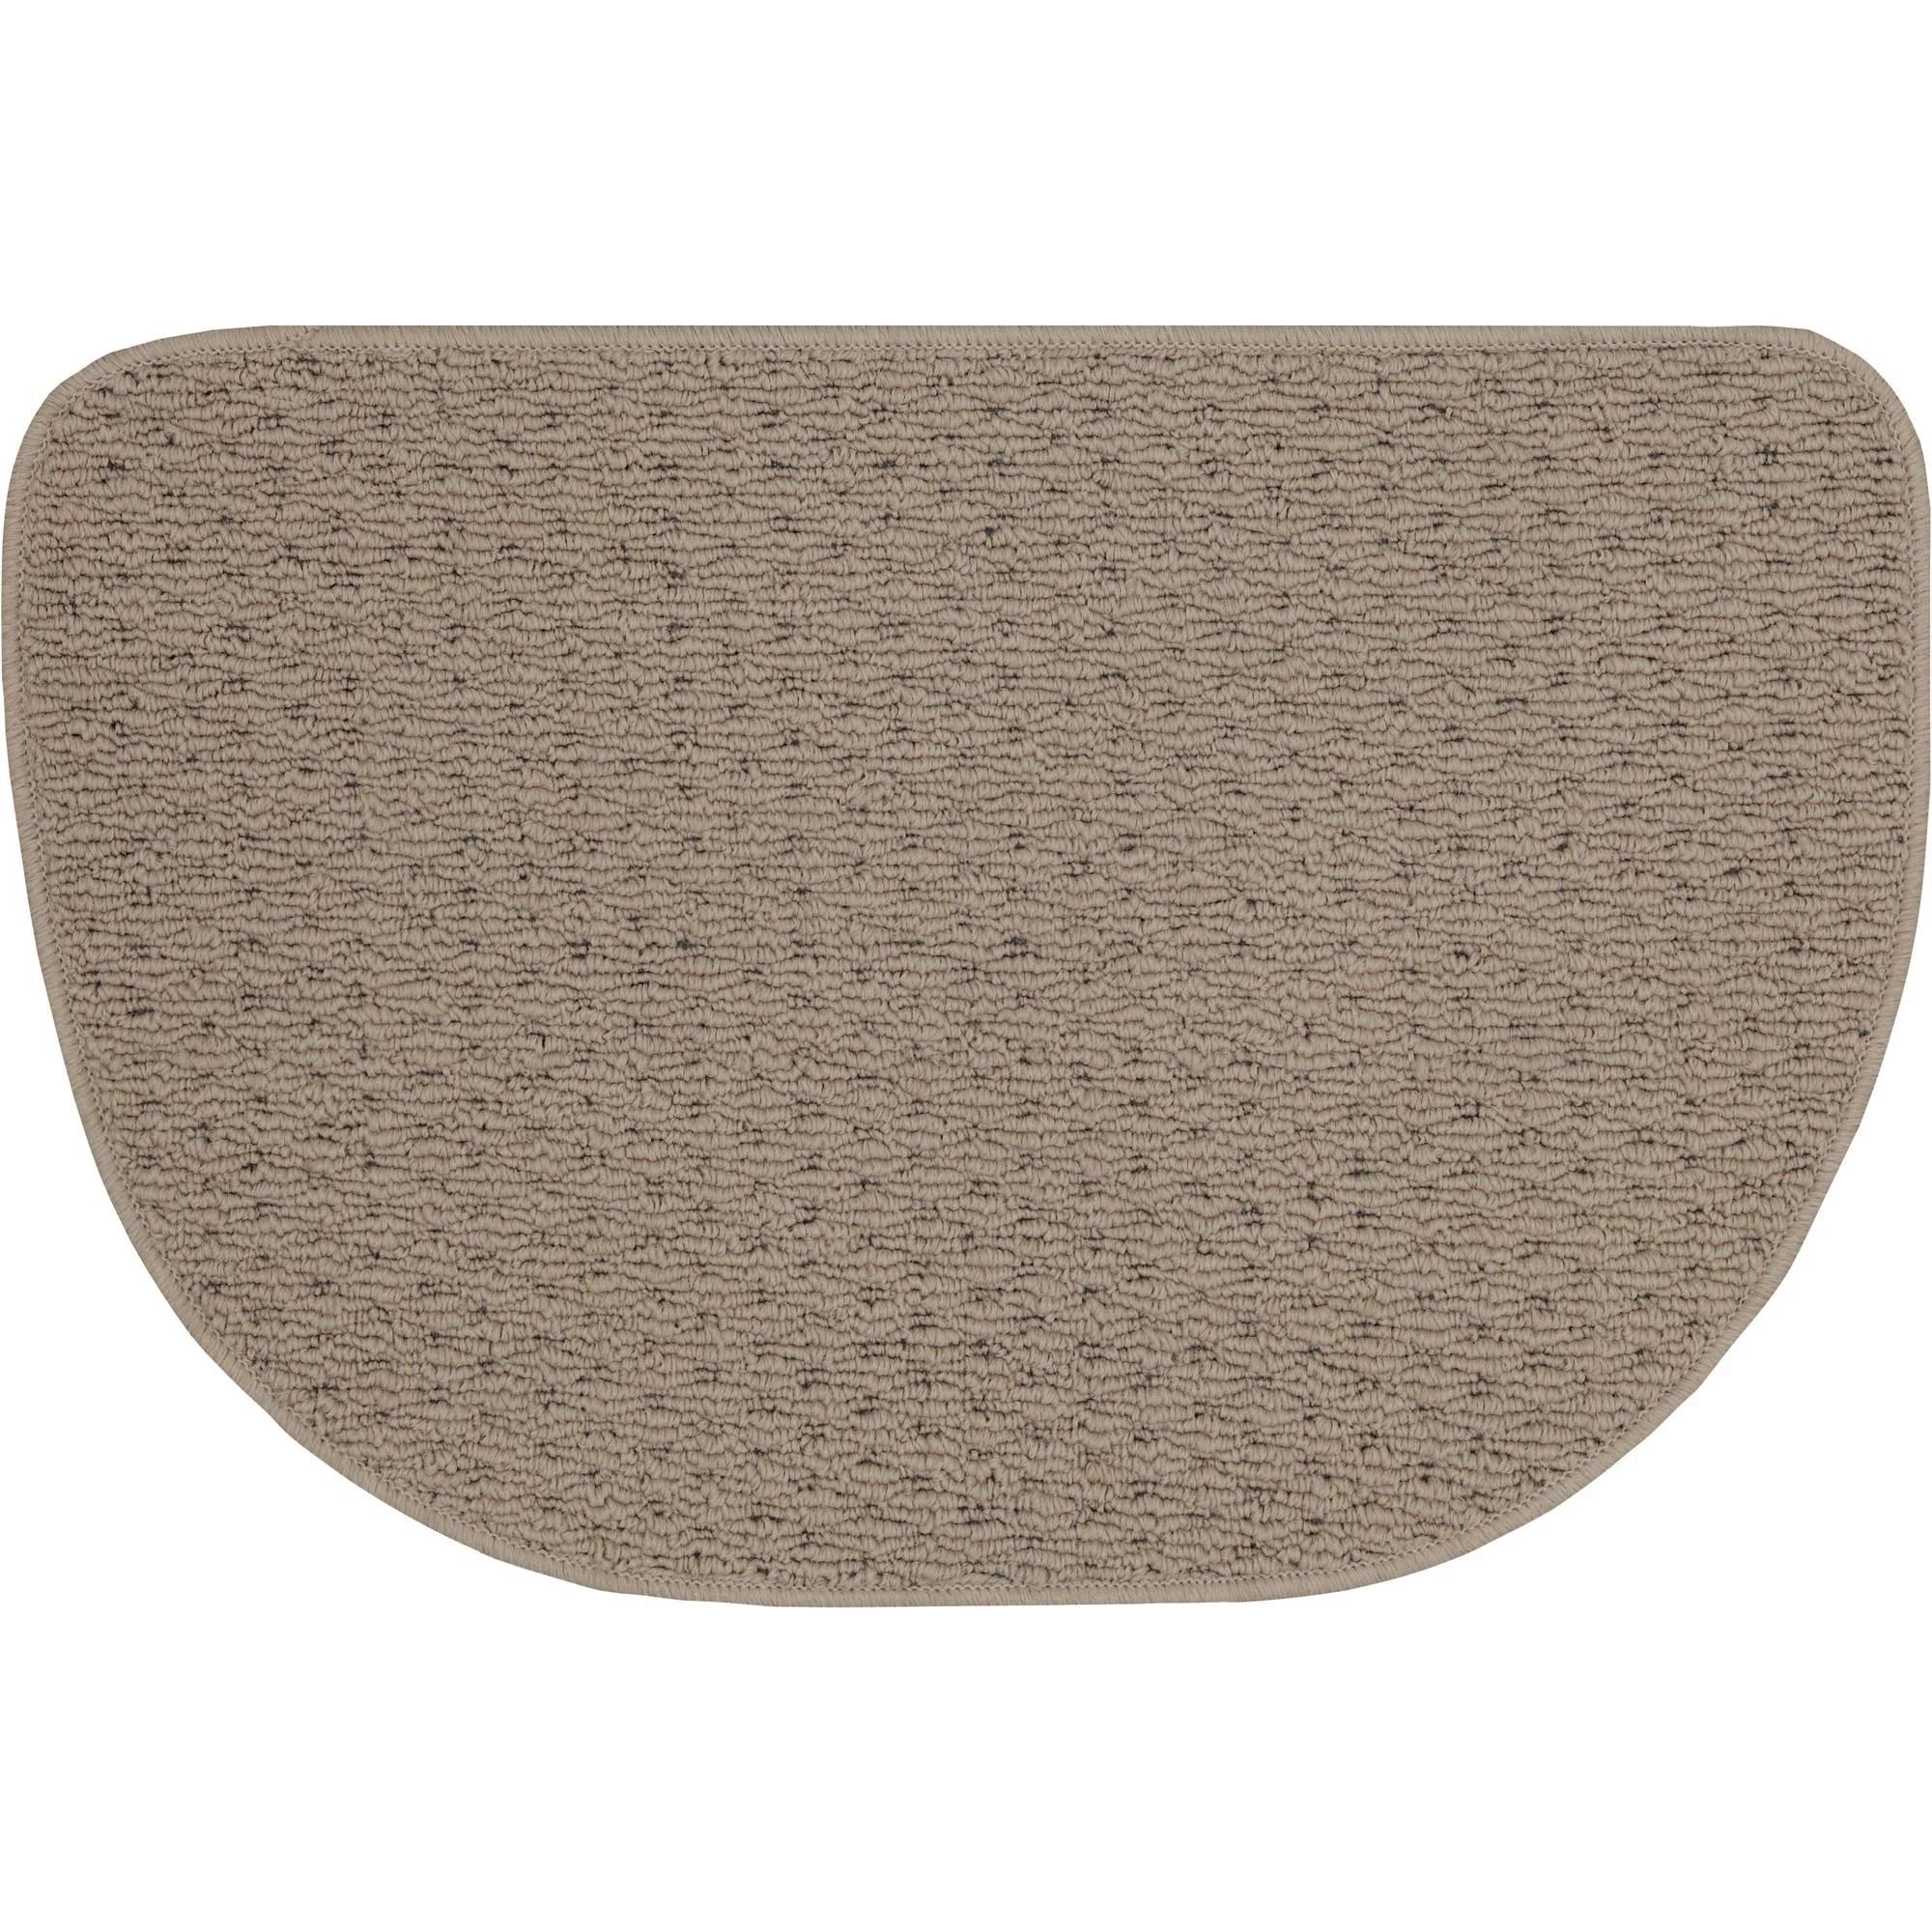 walmart kitchen rugs kitchen floor mats walmart Kitchen Rugs Under 15